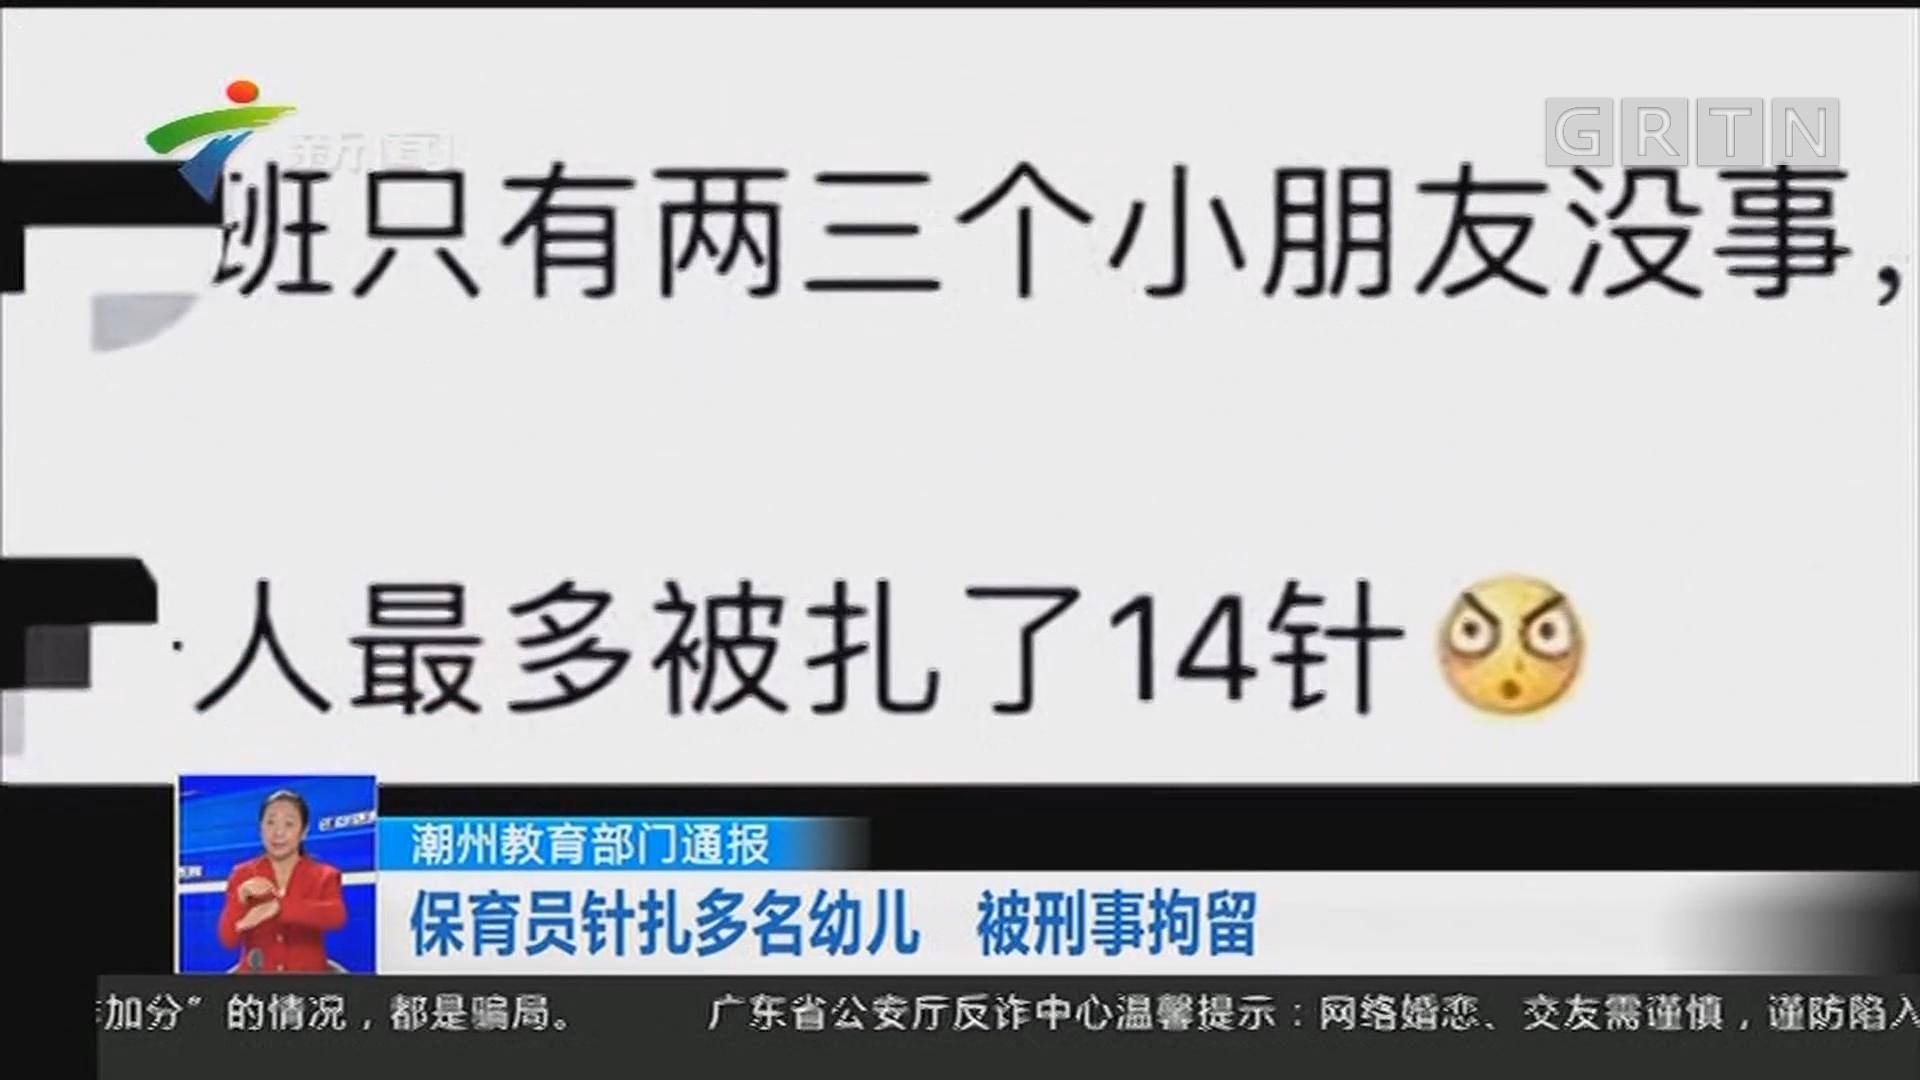 潮州教育部门通报:保育员针扎多名幼儿 被刑事拘留